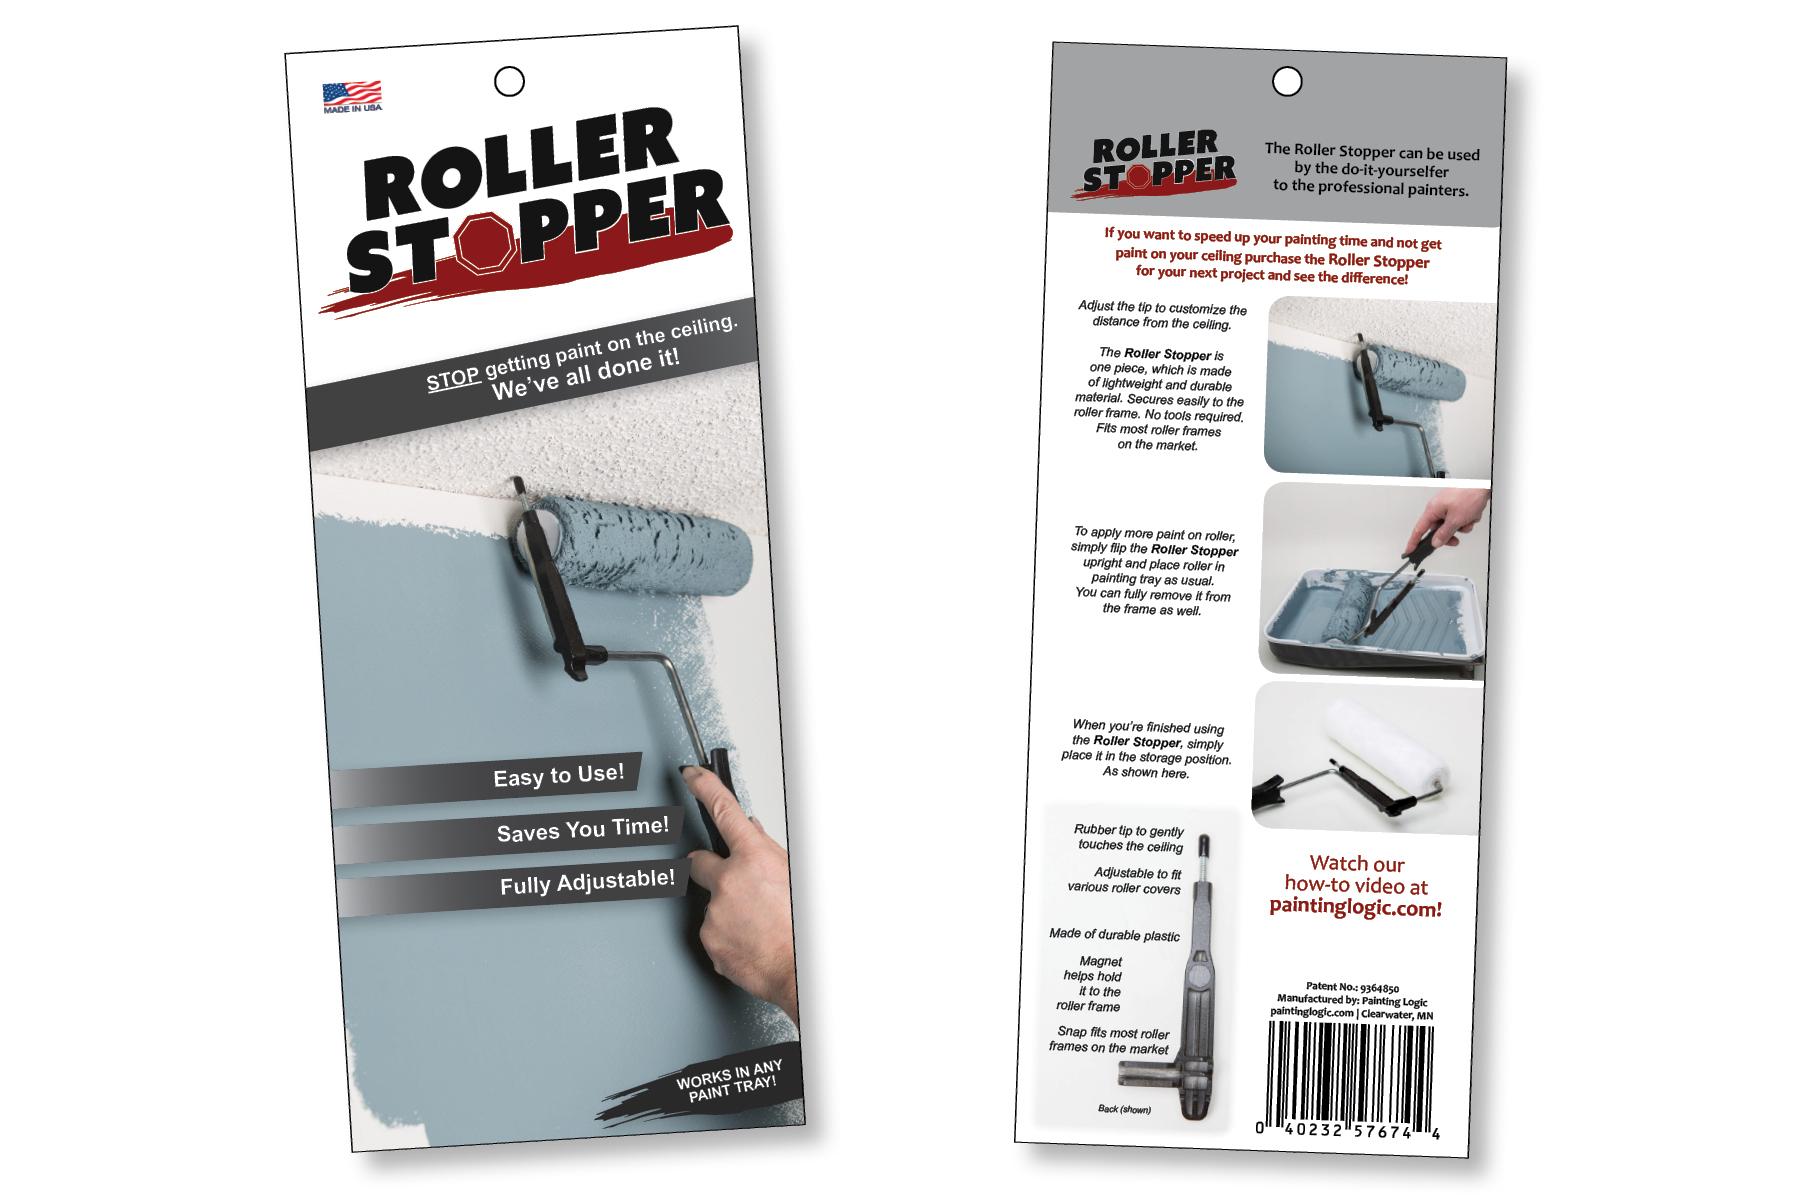 Packaging design- the Roller Stopper